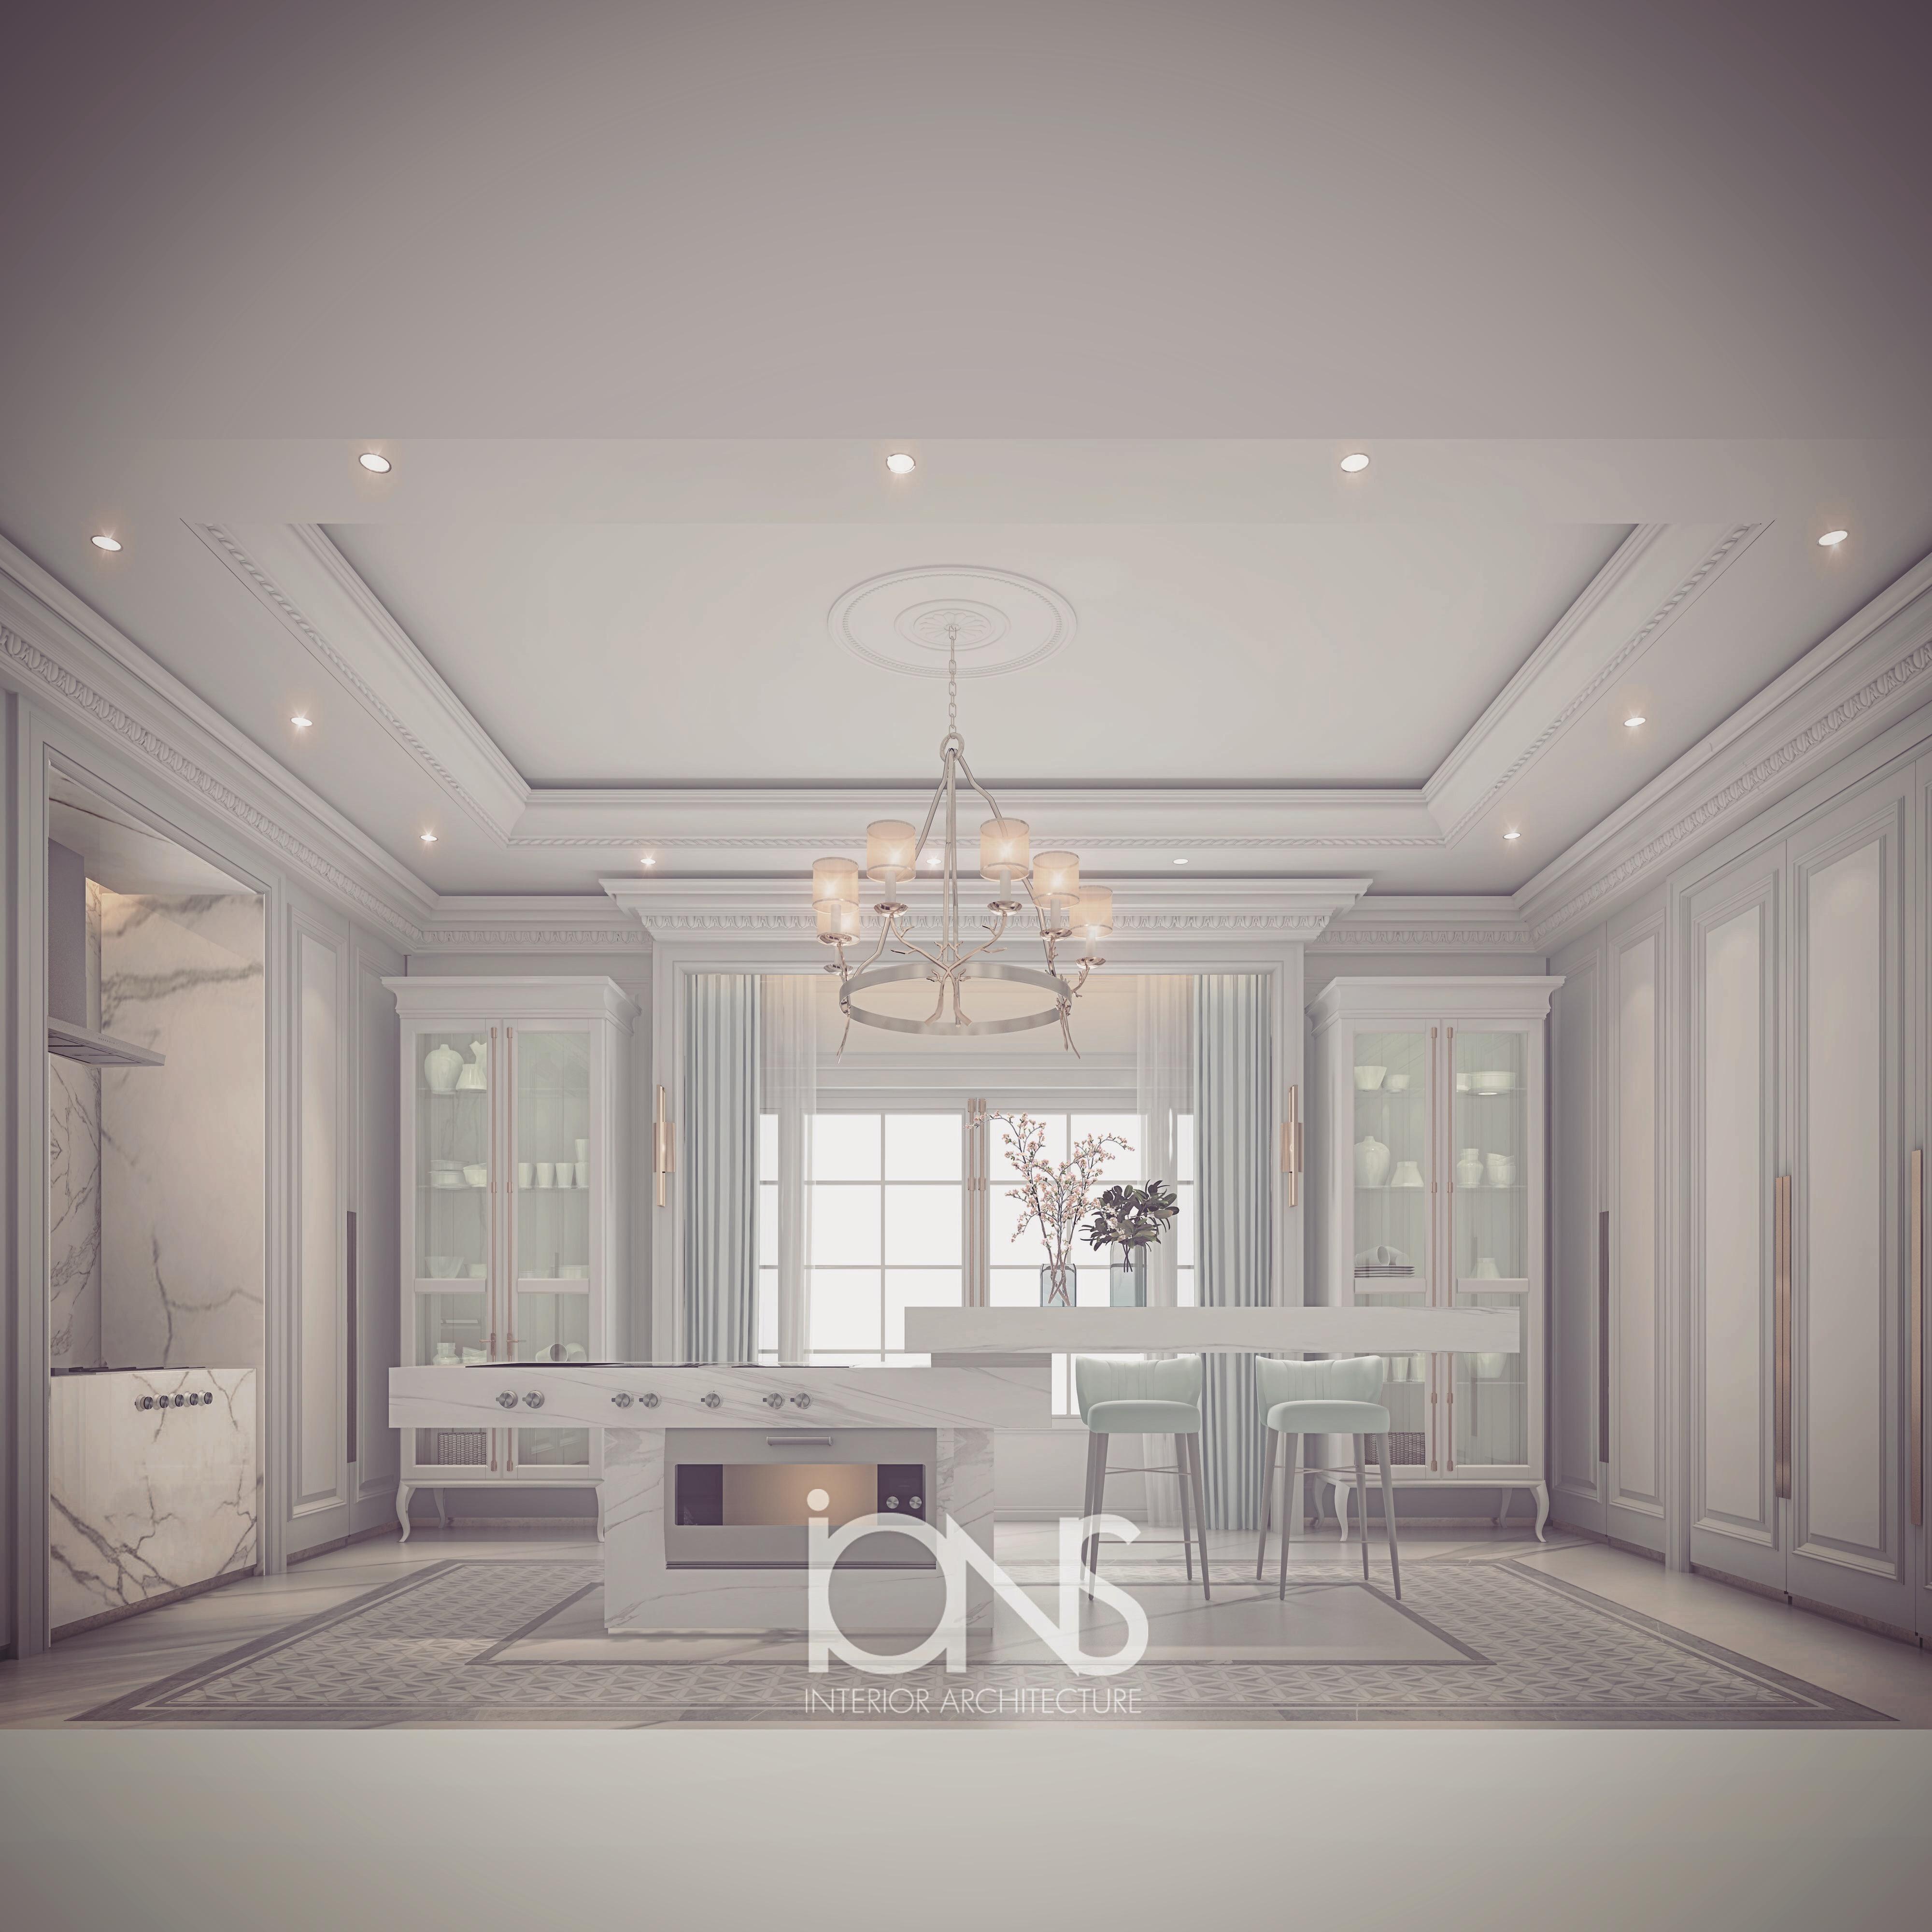 Grey Kitchen Interior Design